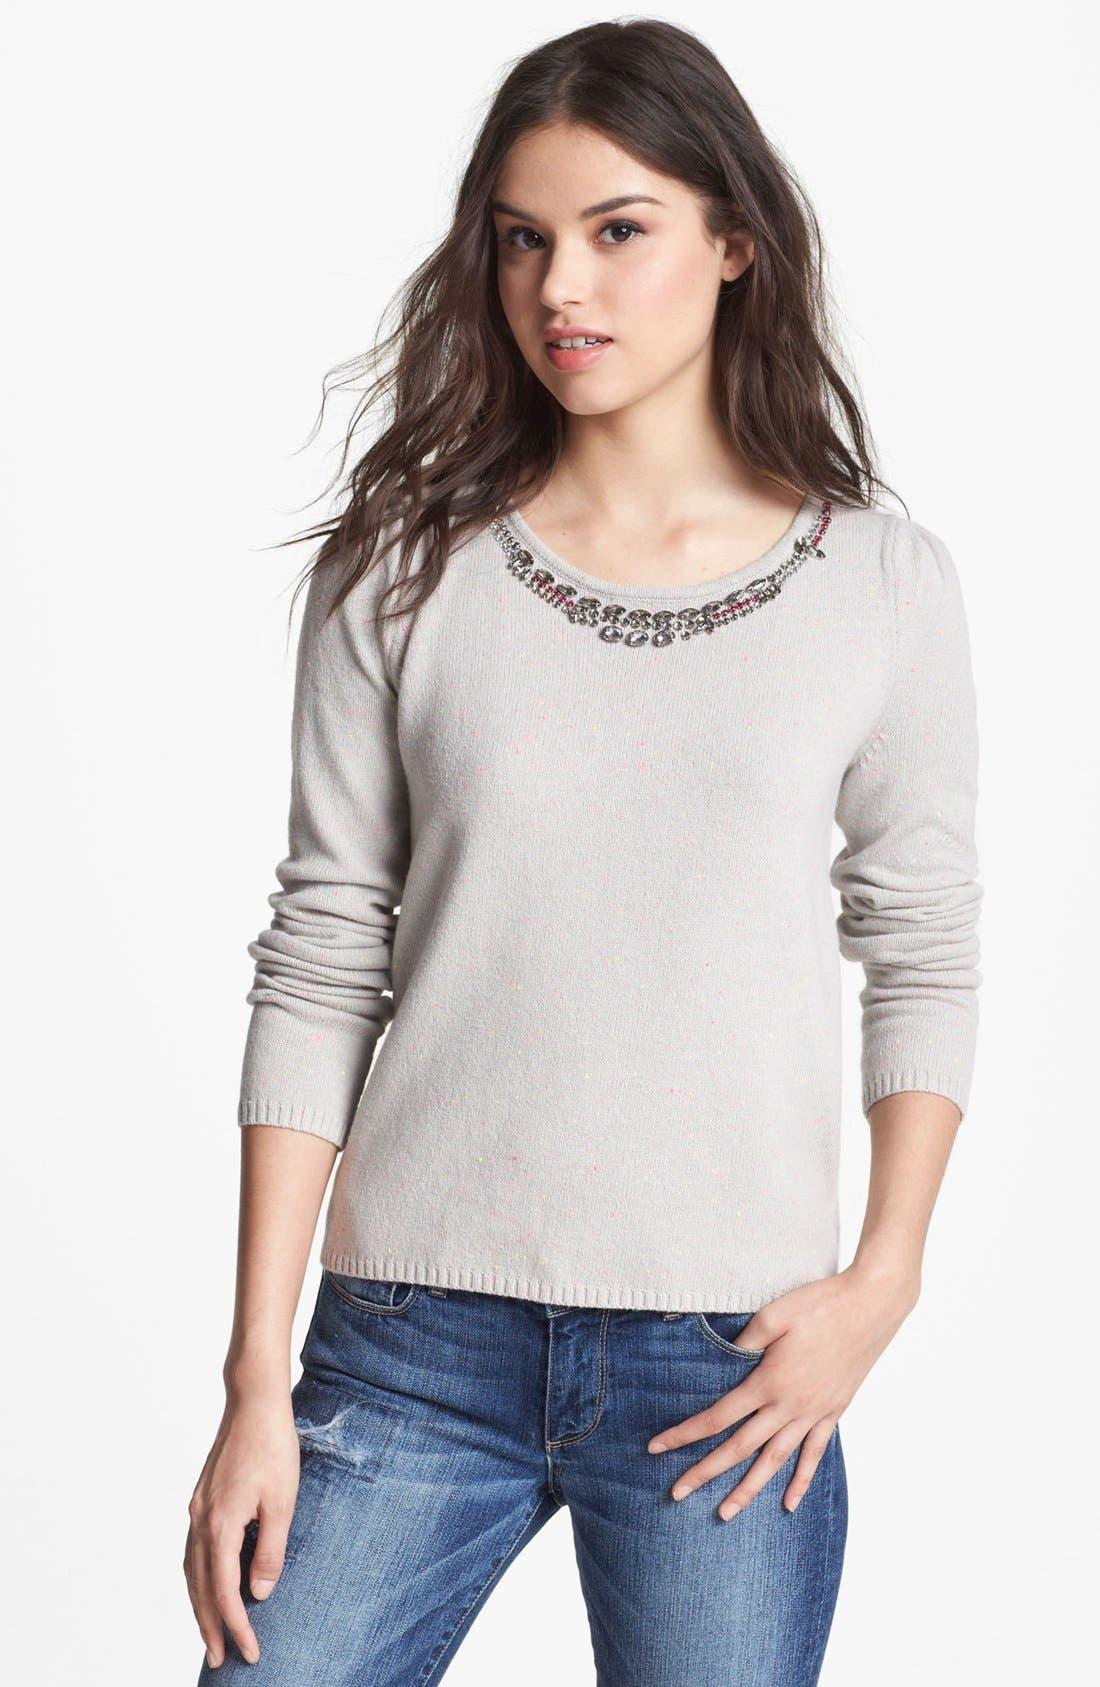 Main Image - Hinge® Jewel Embellished Sweater